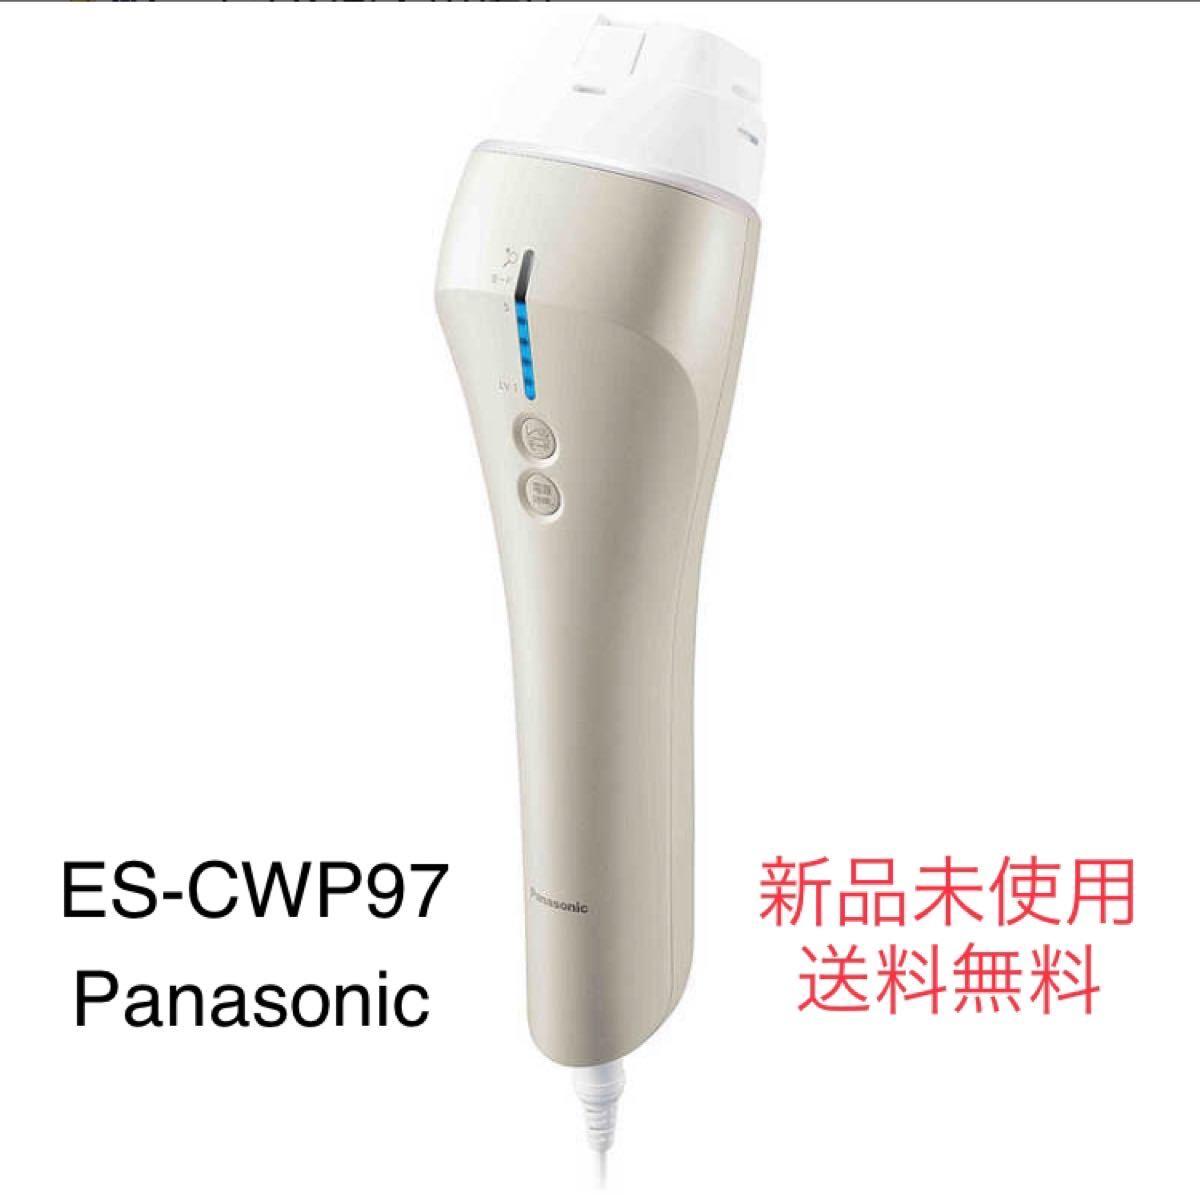 パナソニック Panasonic 光エステ ゴールド ES-CWP97-N 新品未使用 送料無料 1年保証あり